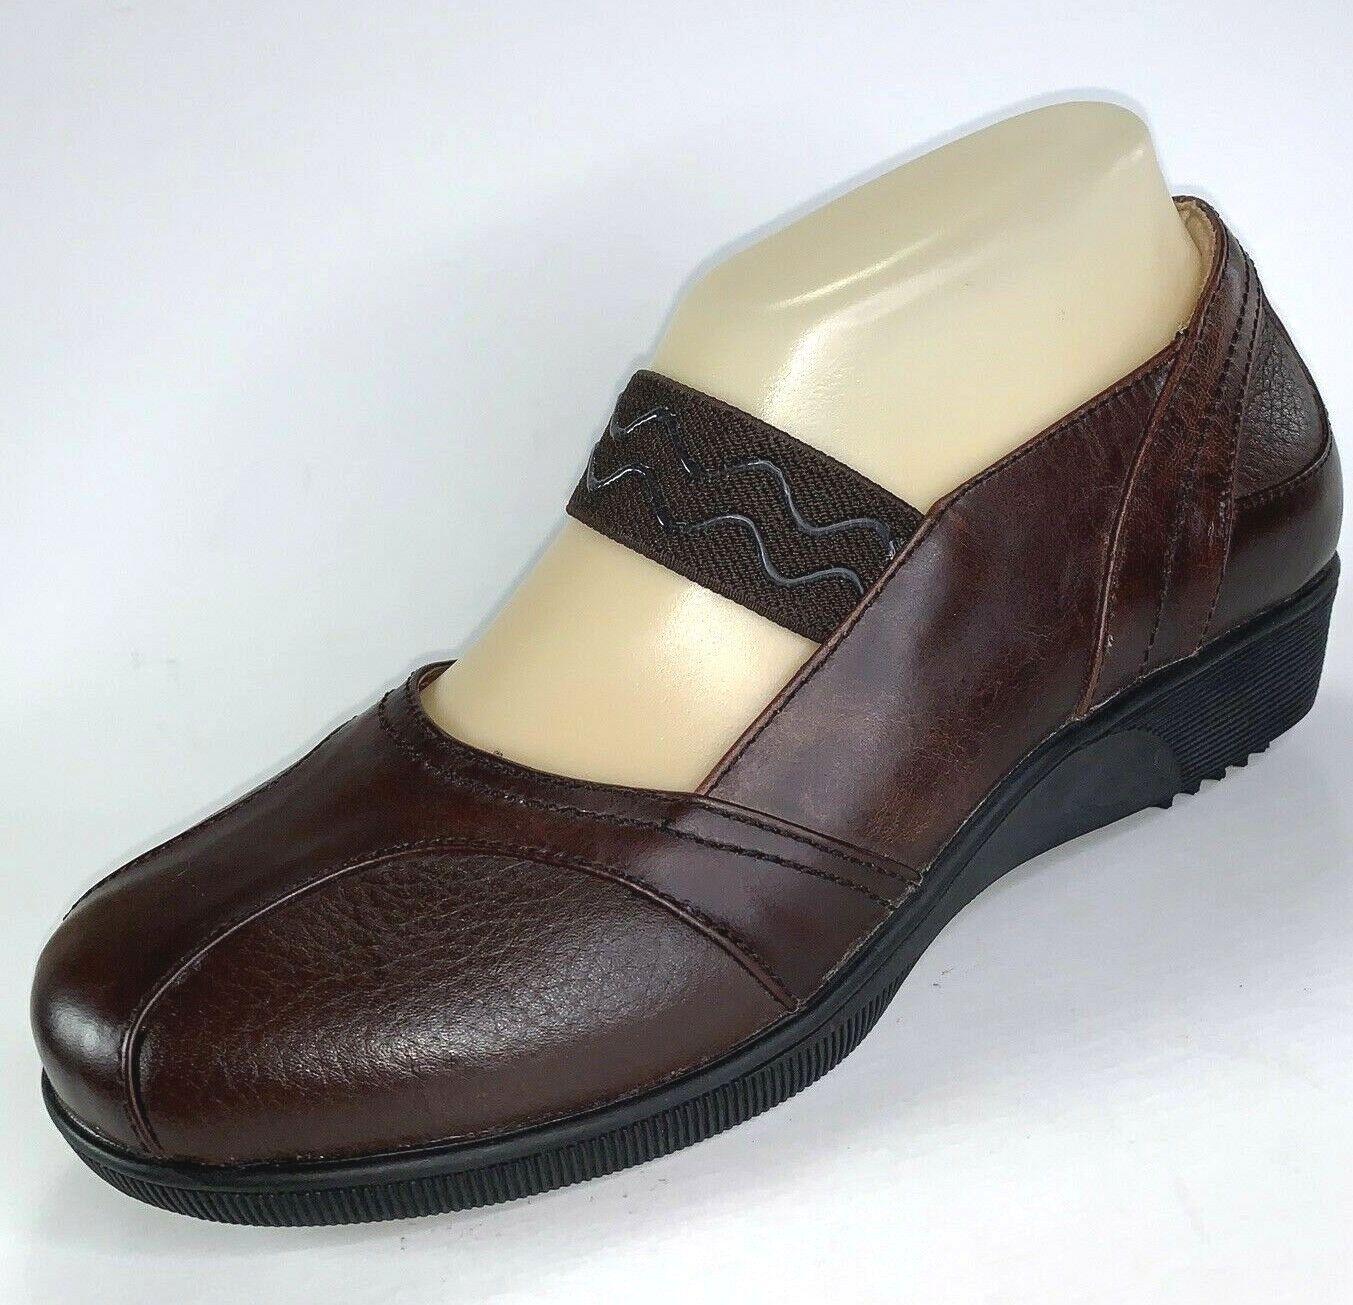 Gravity Defyer femmes 6.5 Mary Jane chaussures en Cuir marron Compensé Mocassin 150   porté Onc